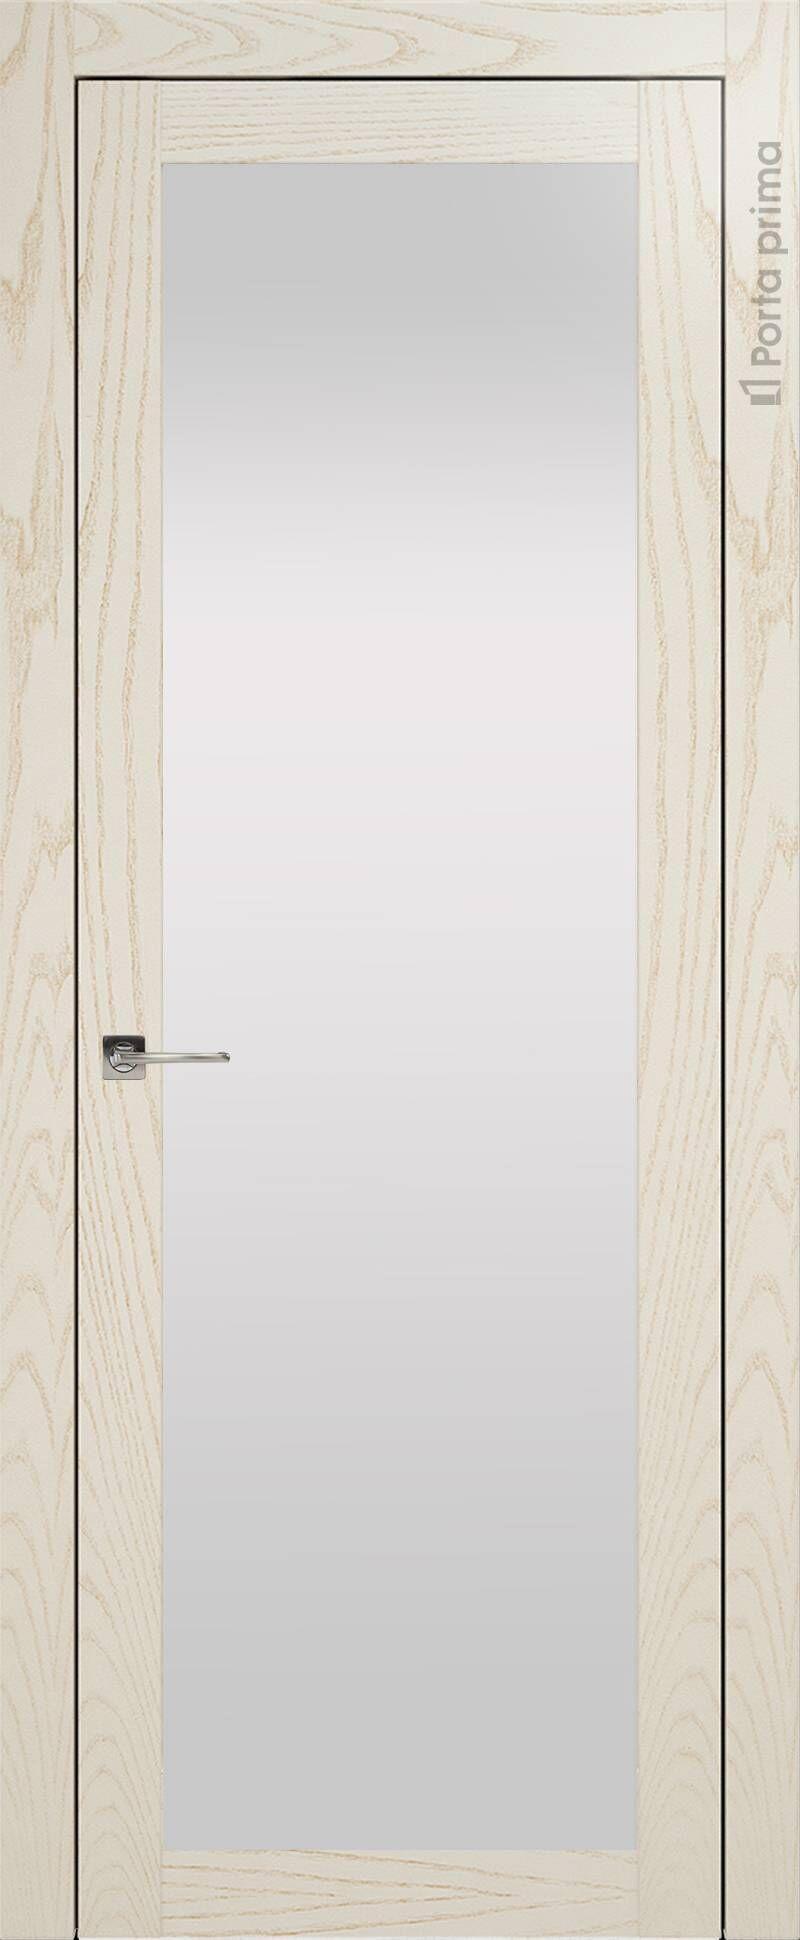 Tivoli З-1 цвет - Бежевый ясень Со стеклом (ДО)